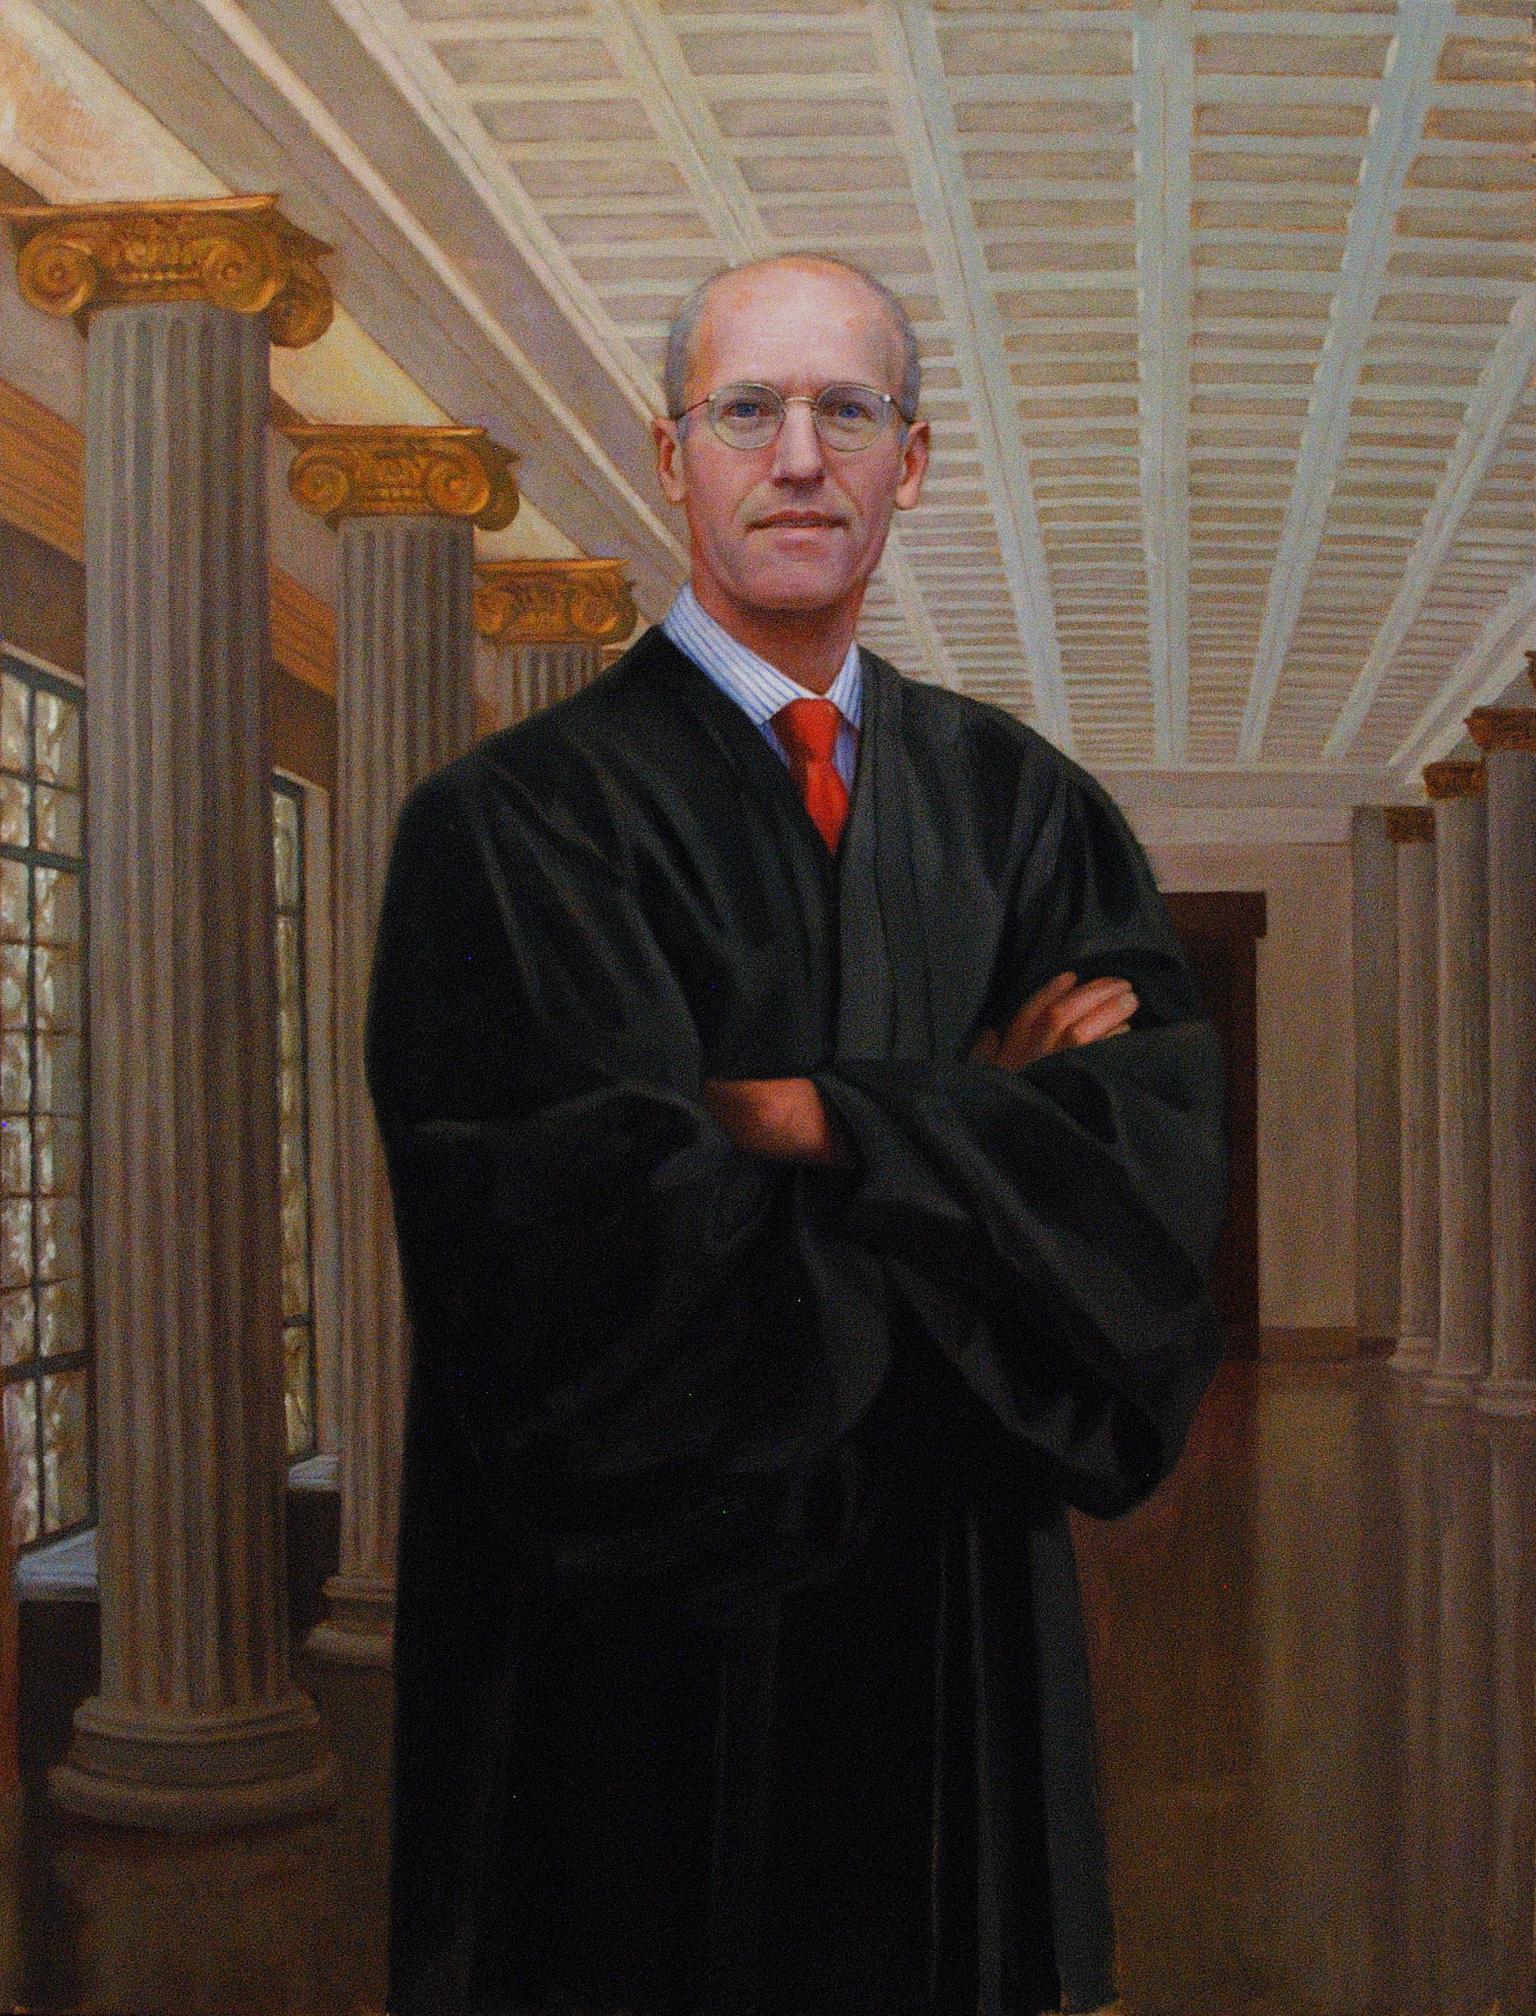 Mark Kravitz, US District Judge